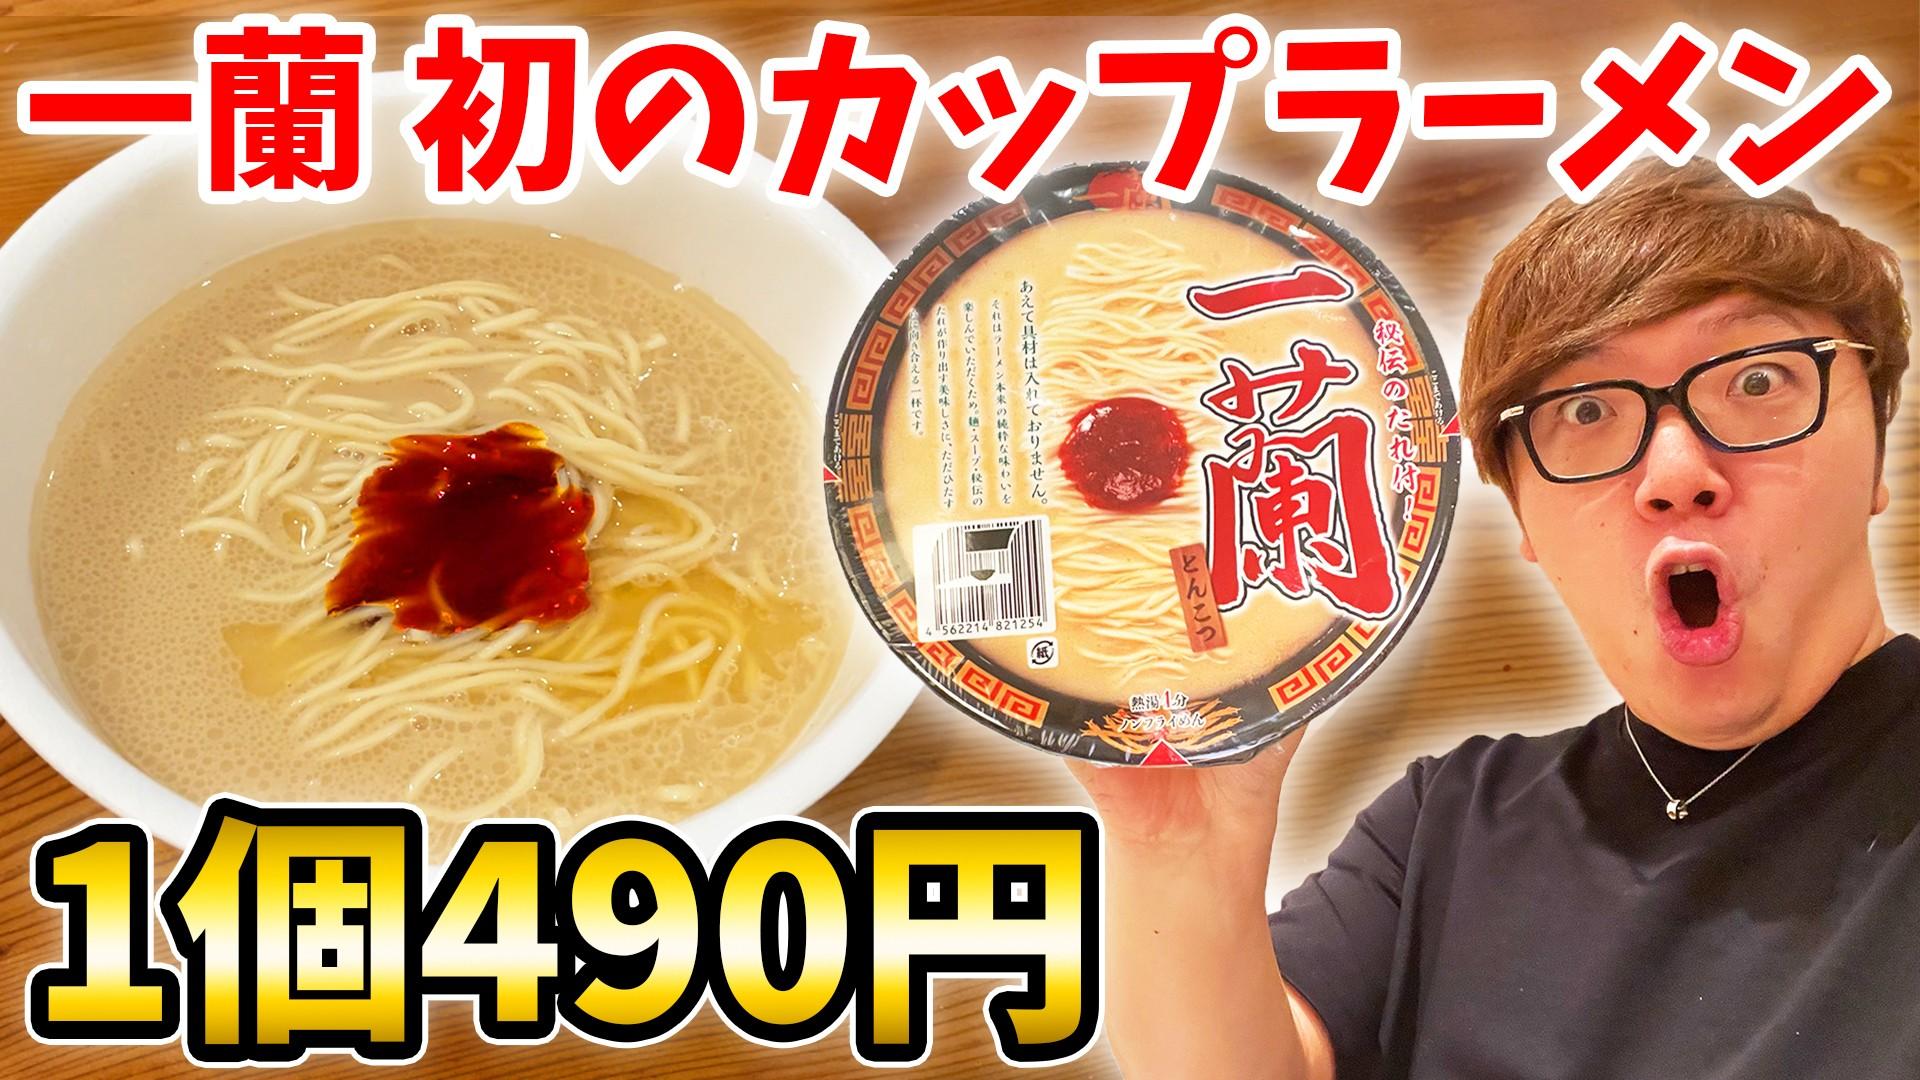 ヒカキン様、「一蘭のカップラーメン」を食す→「麺、少ねぇな!おい!」